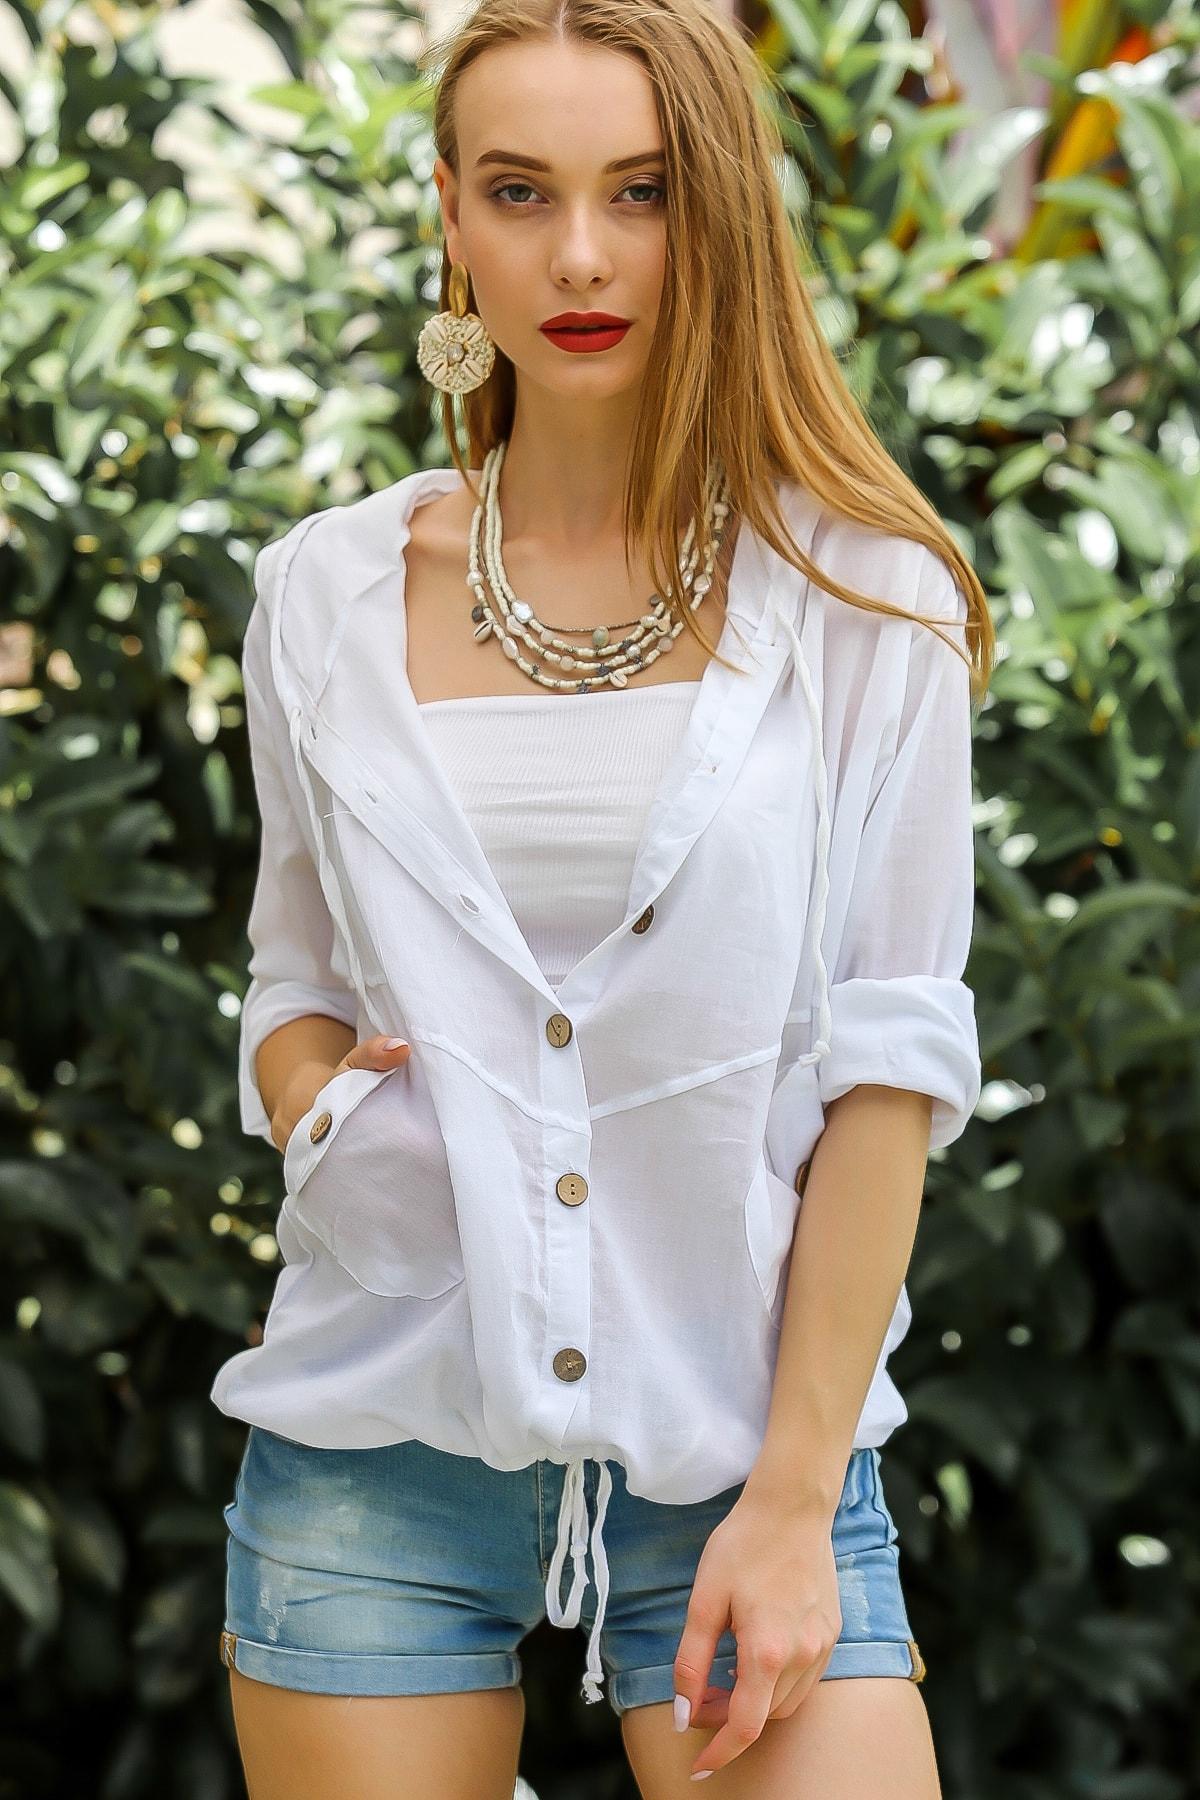 Chiccy Kadın Beyaz Casual Kapüşonlu Düğmeli Beli Ip Detaylı Büzgülü Yıkmalı Ceket M10210100Ce99339 3